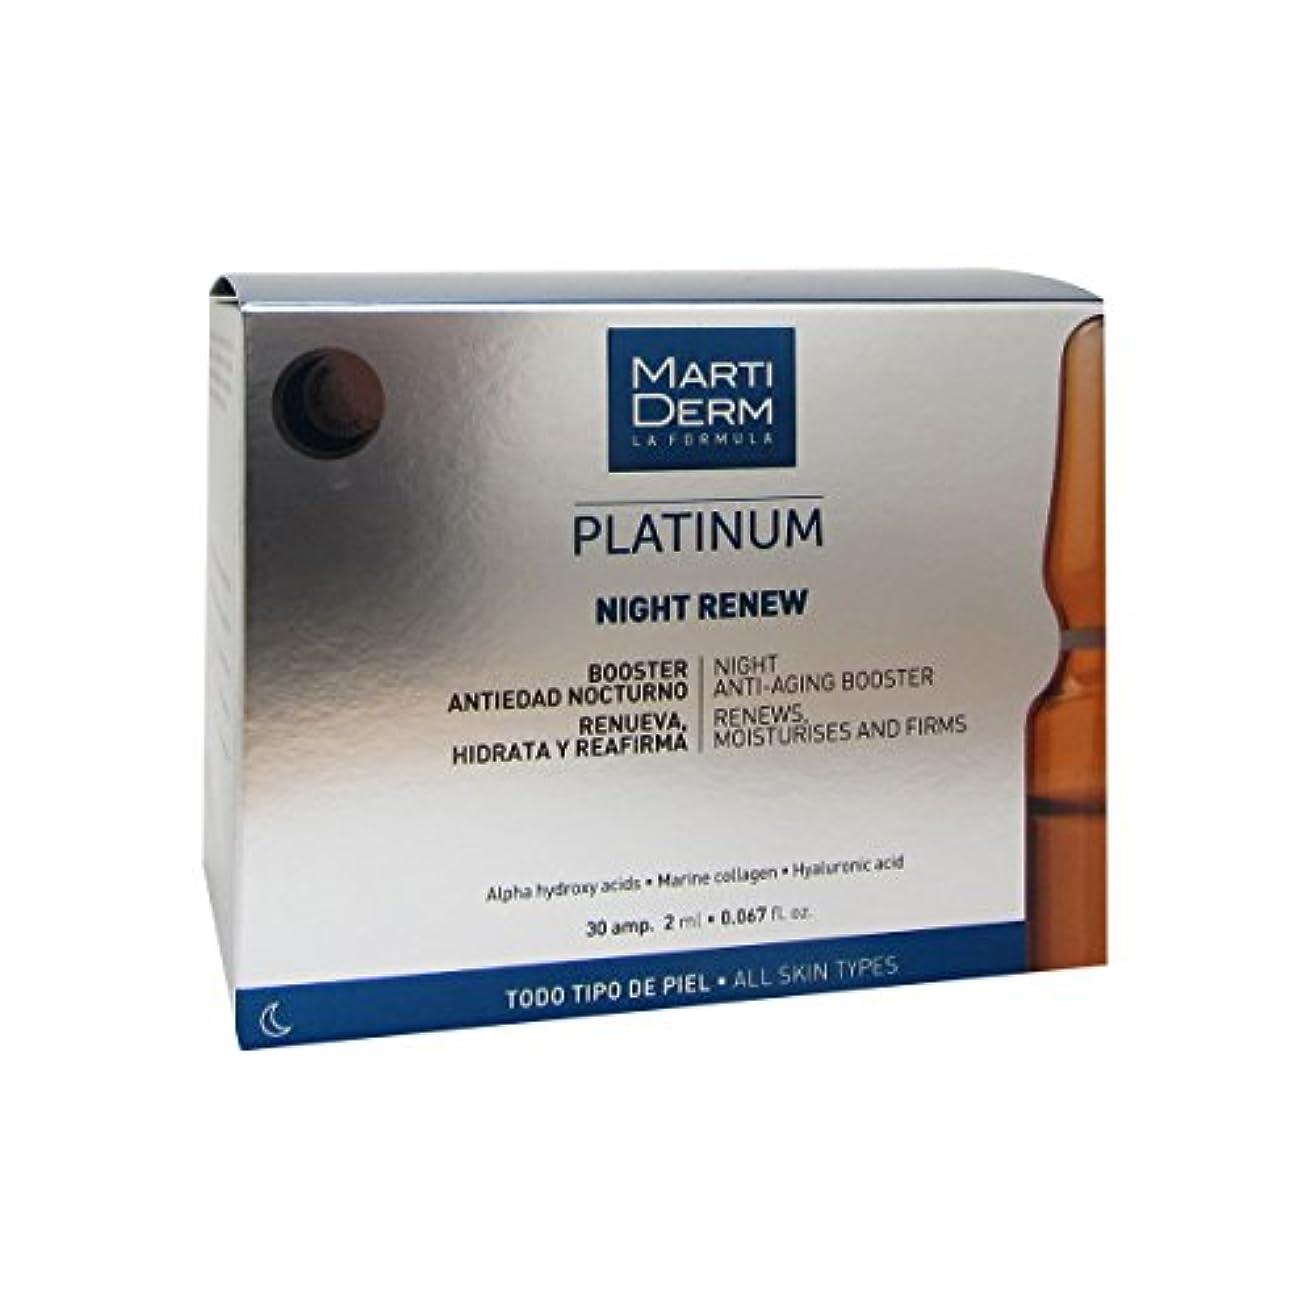 タクト焦げ勤勉なMartiderm Platinum Night Renew Ampoules 30ampx2ml [並行輸入品]